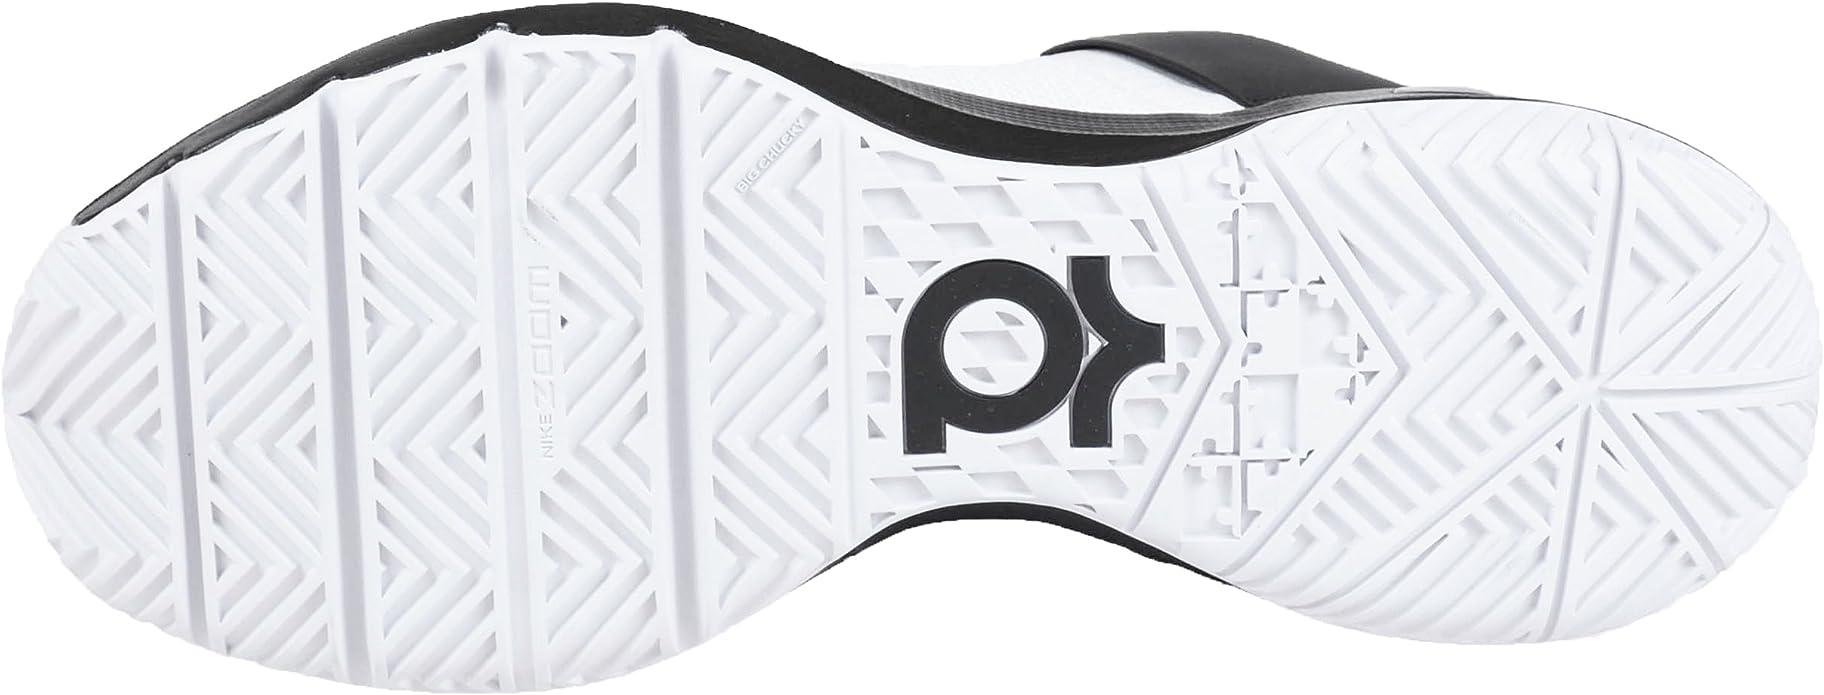 Nike KD Trey 5 IV TB, Zapatillas de Baloncesto para Hombre, Blanco ...